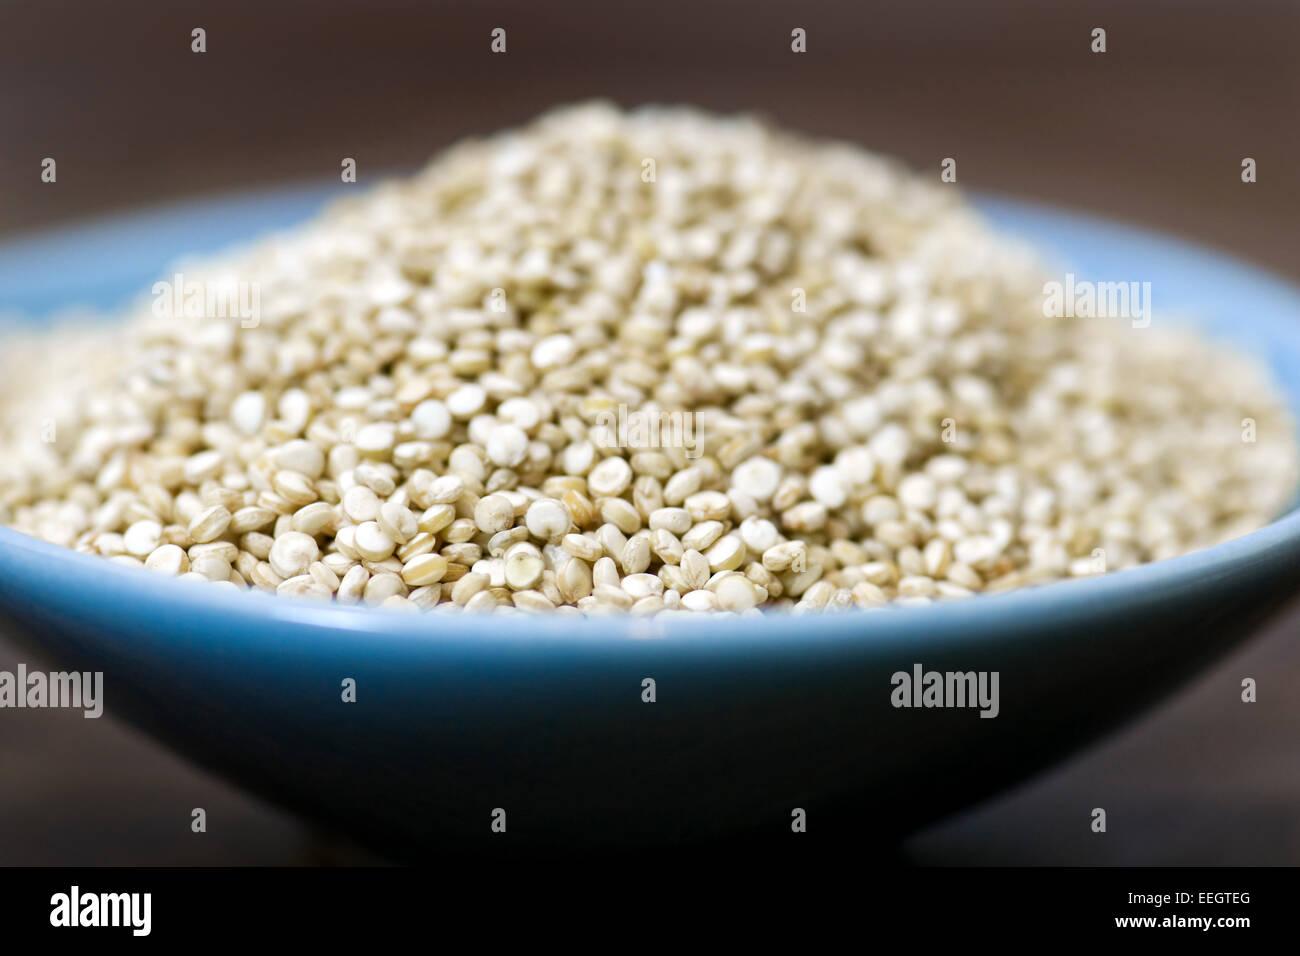 Piccolo Blu ciotola riempita con secchi di quinoa Immagini Stock